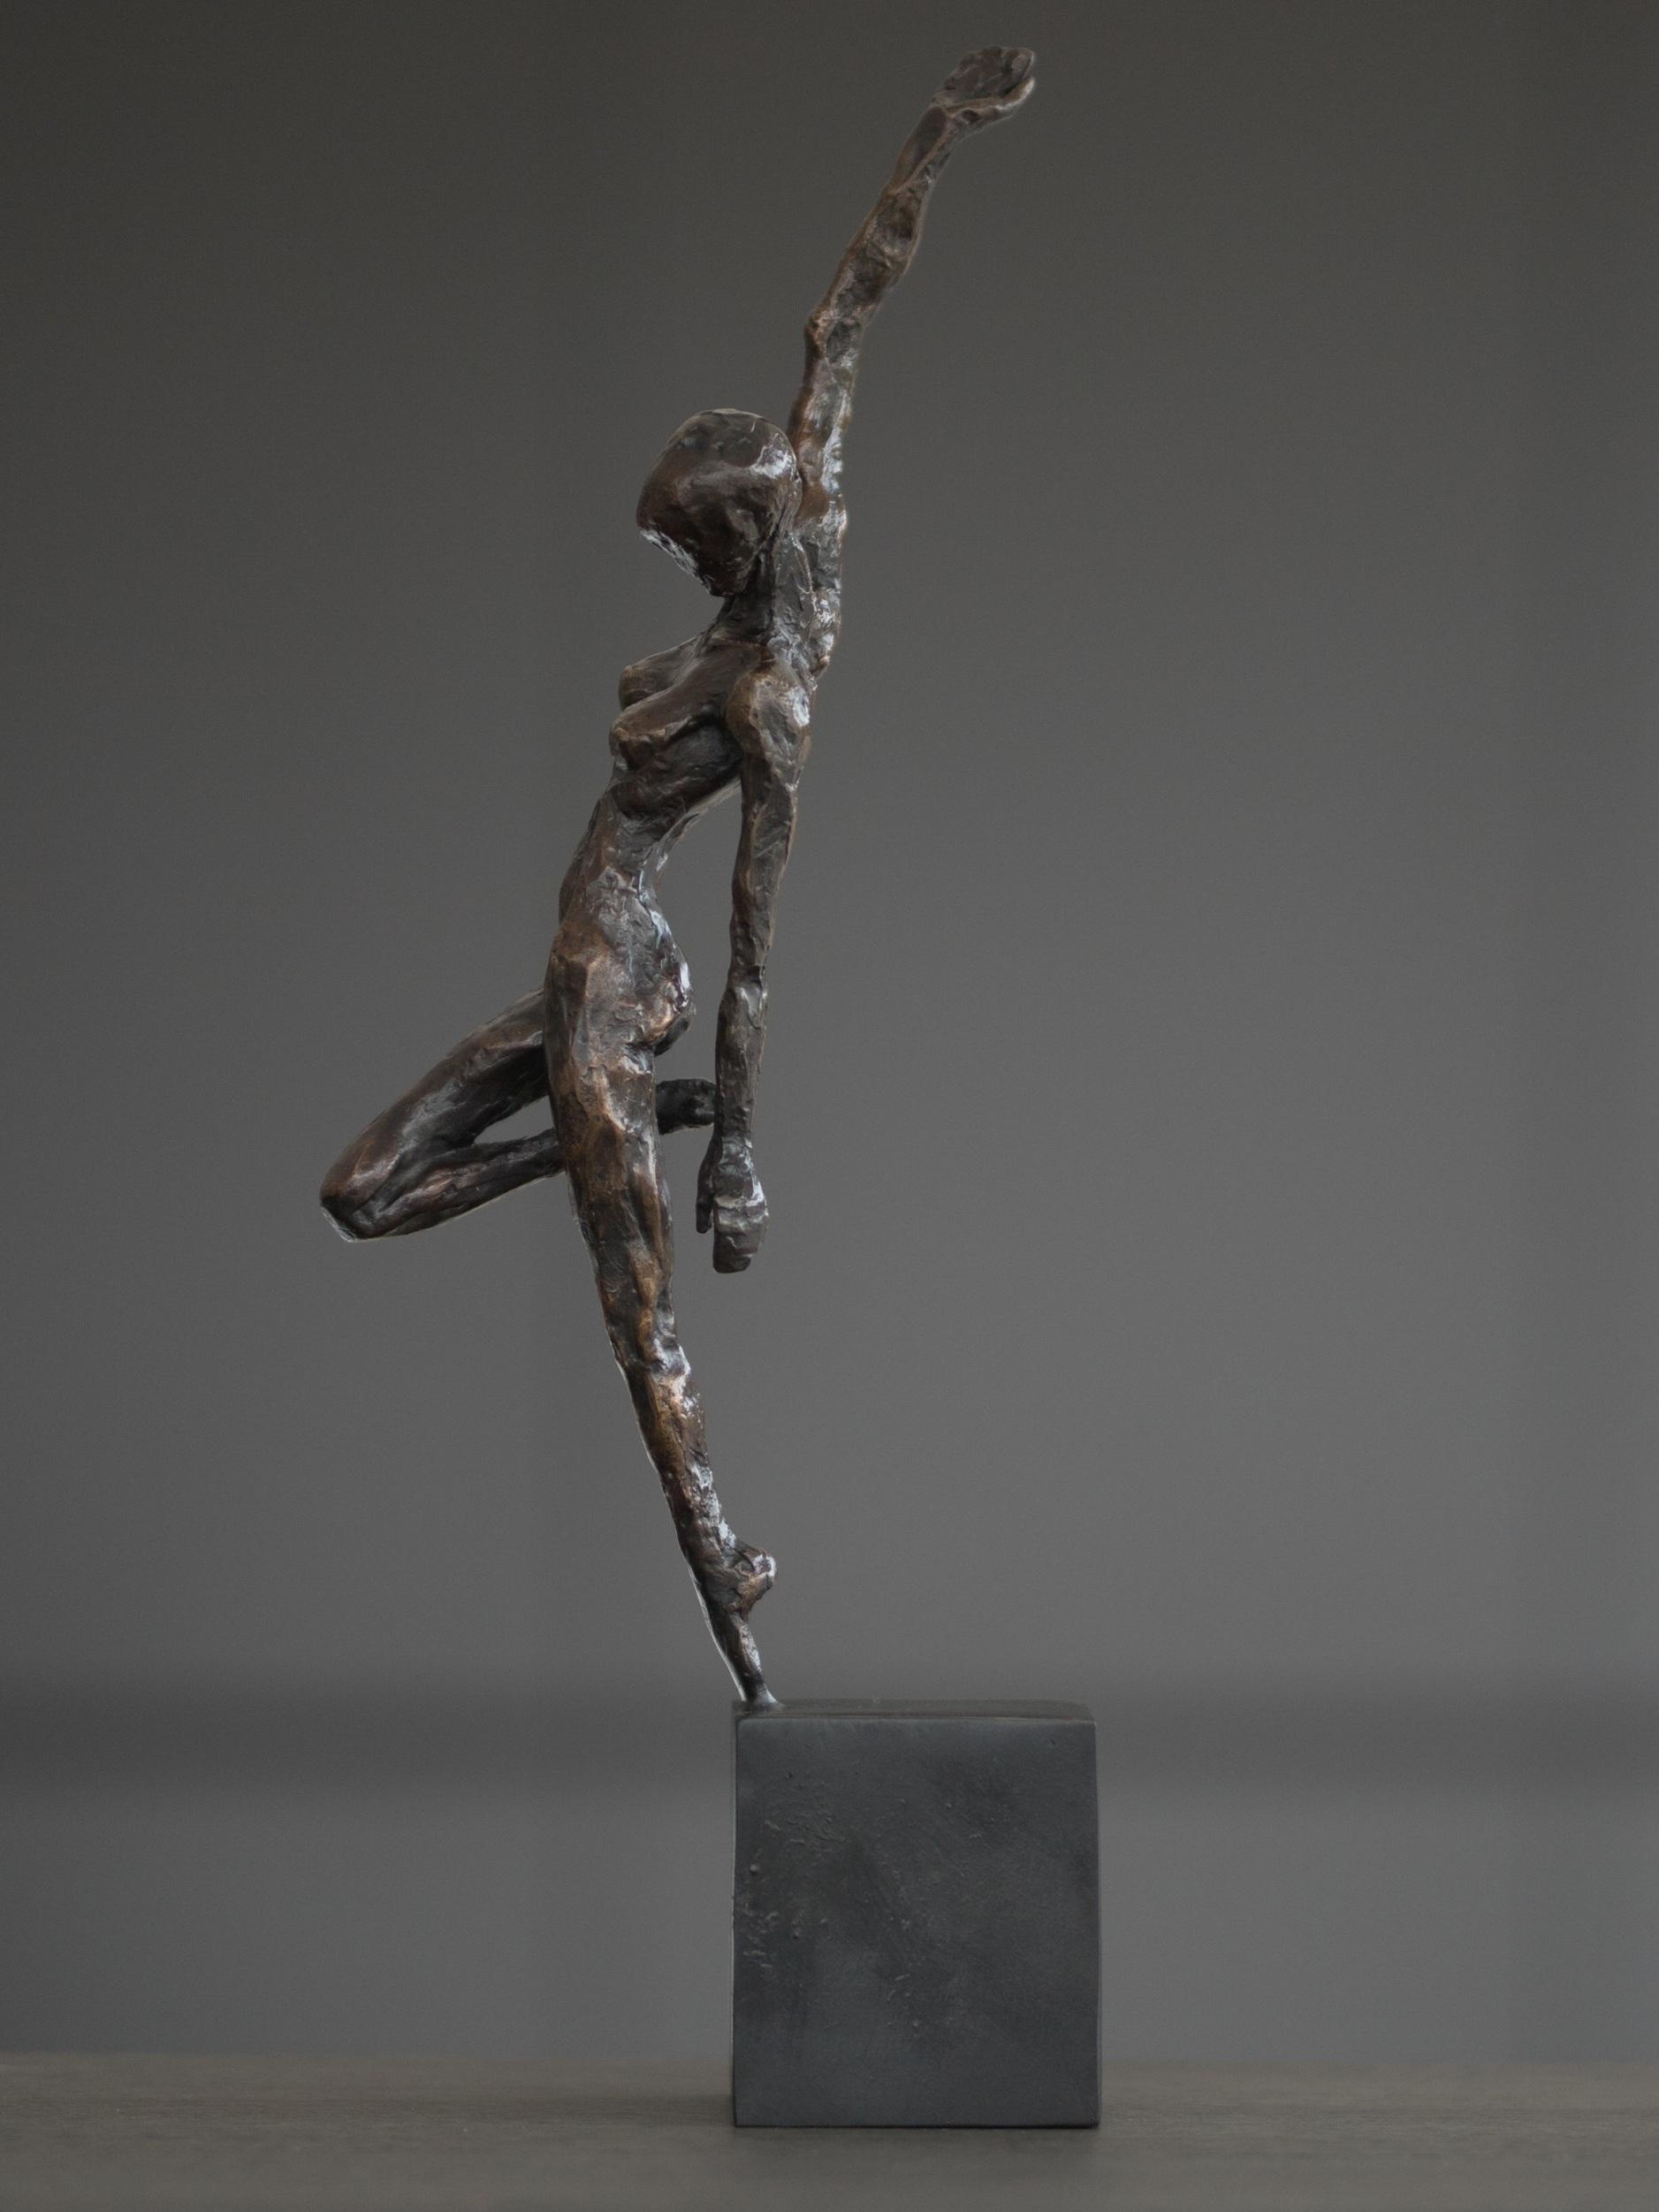 Artist: Kate Viner  Title: Nurture  Size: 49 x 18 x 8.5 cm  Medium: Bronze 1/12  Price: £1950